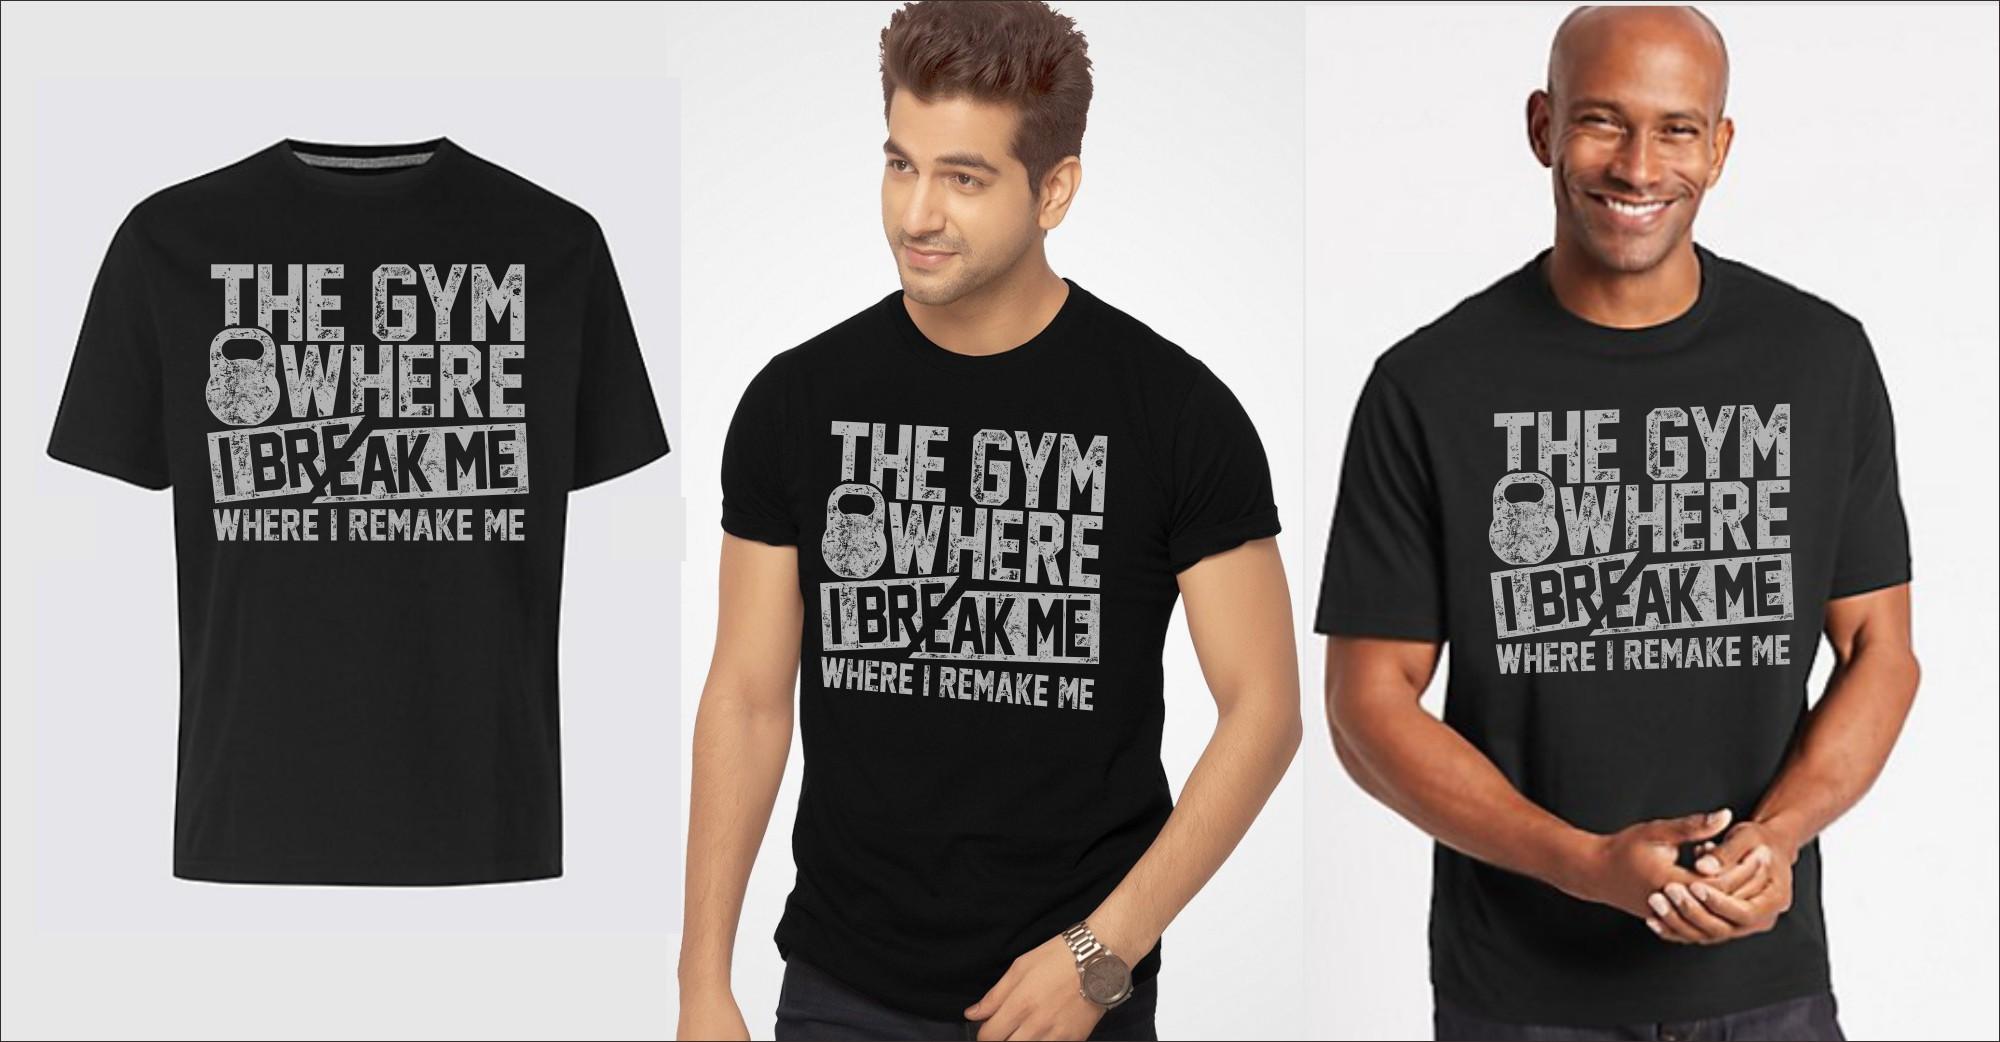 Lifting T-shirt contest - GUARANTEED